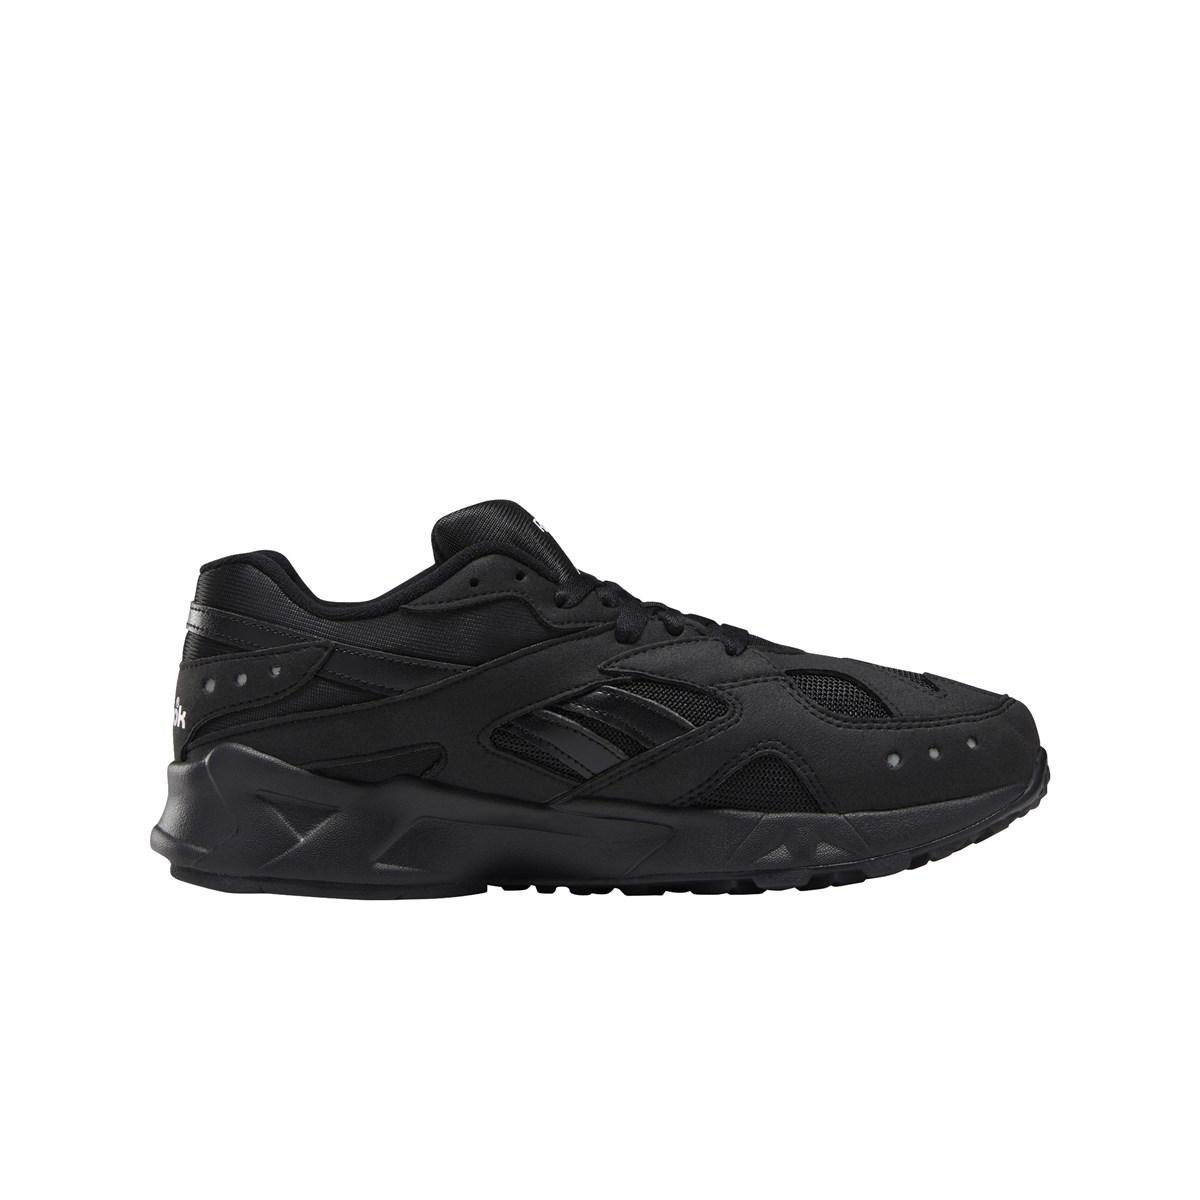 Aztrek Erkek Siyah Koşu Ayakkabısı